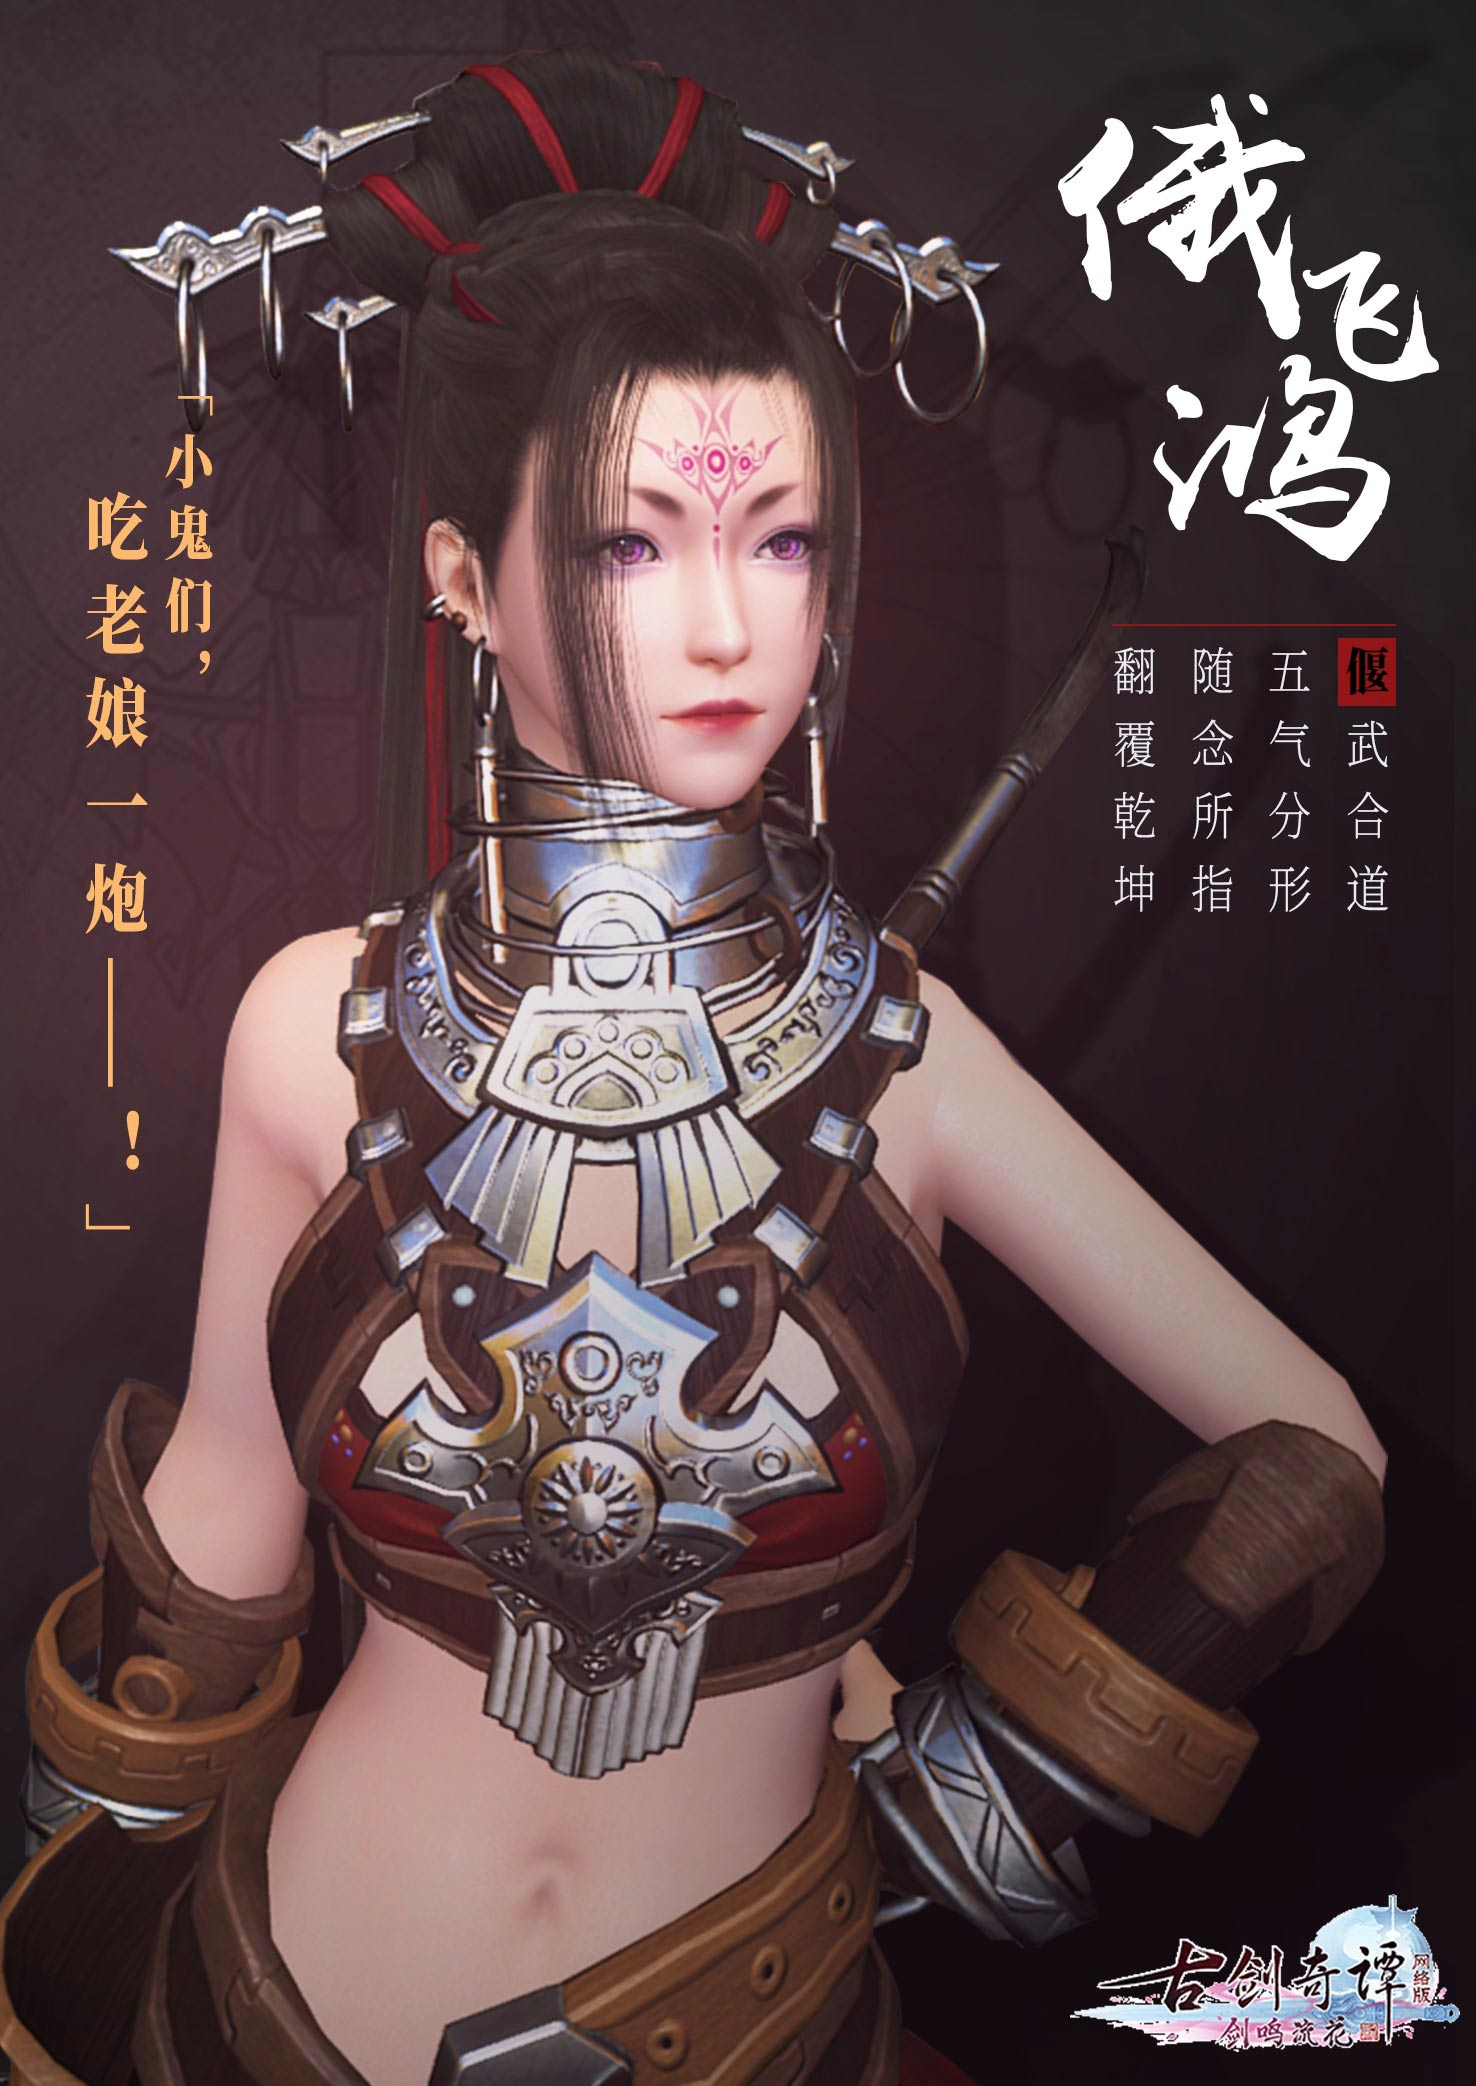 心容三界,《古剑奇谭网络版》天玄教阵营人物风清洛和俄飞鸿